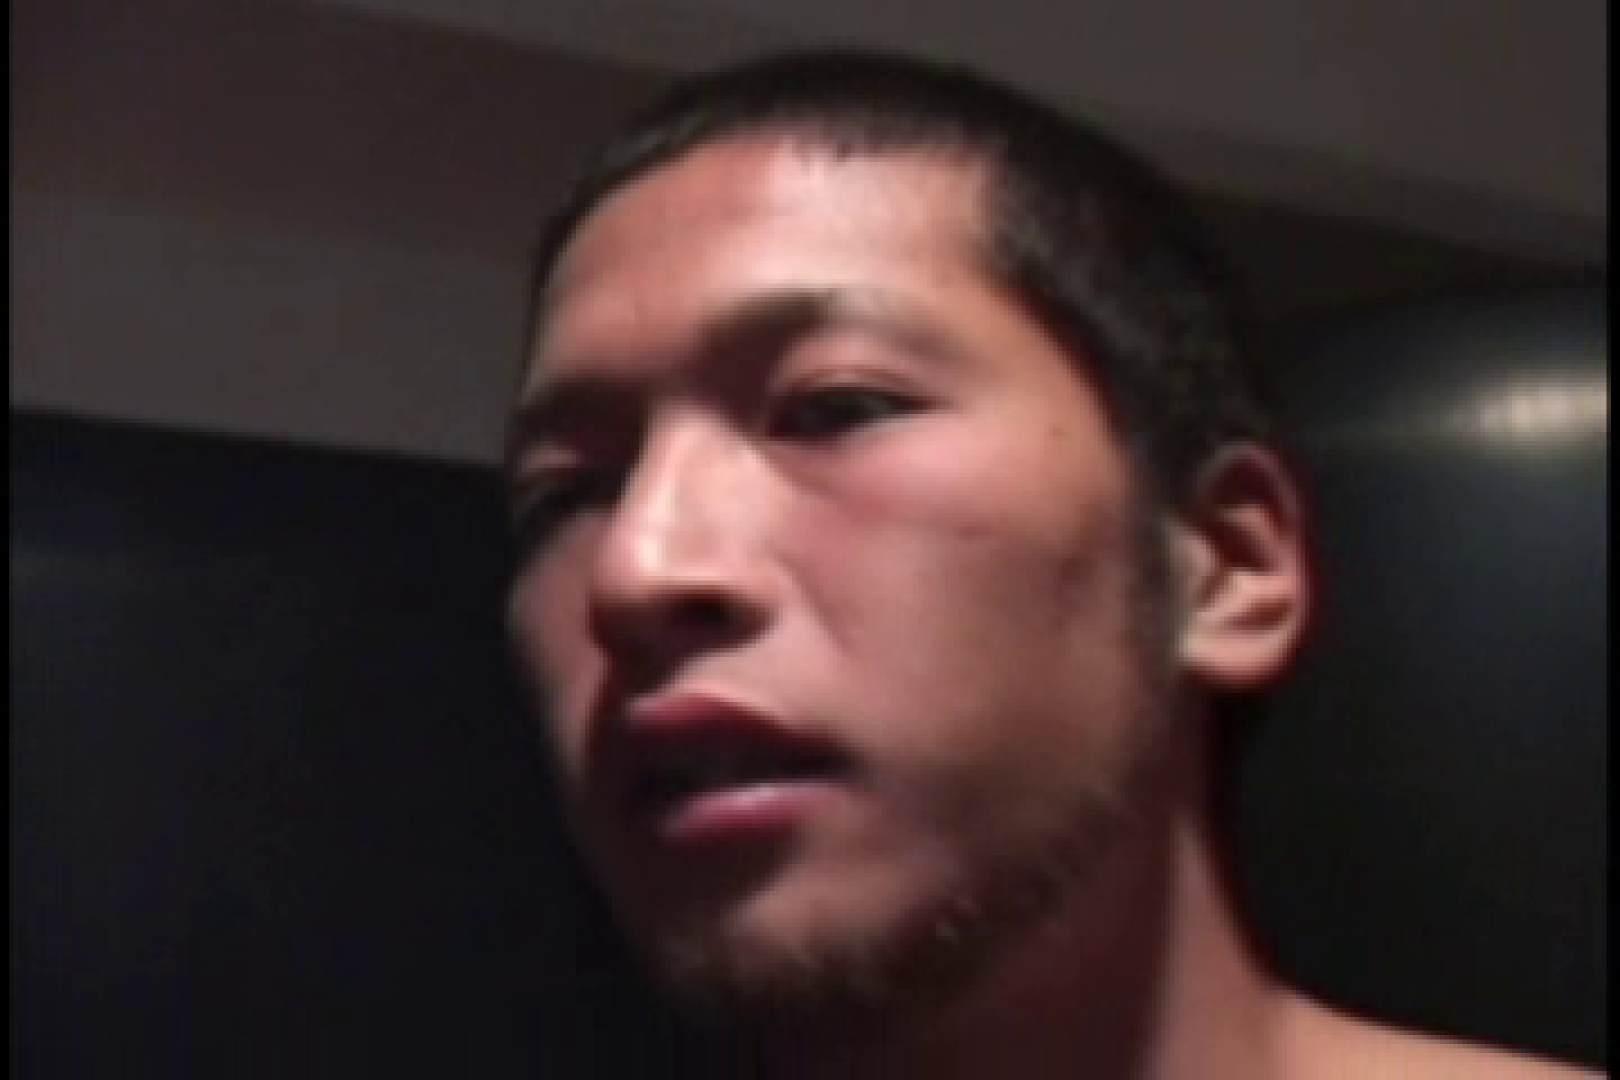 スリ筋!!スポメンのDANKON最高!!take.05 ノンケ天国 ゲイエロビデオ画像 87pic 23